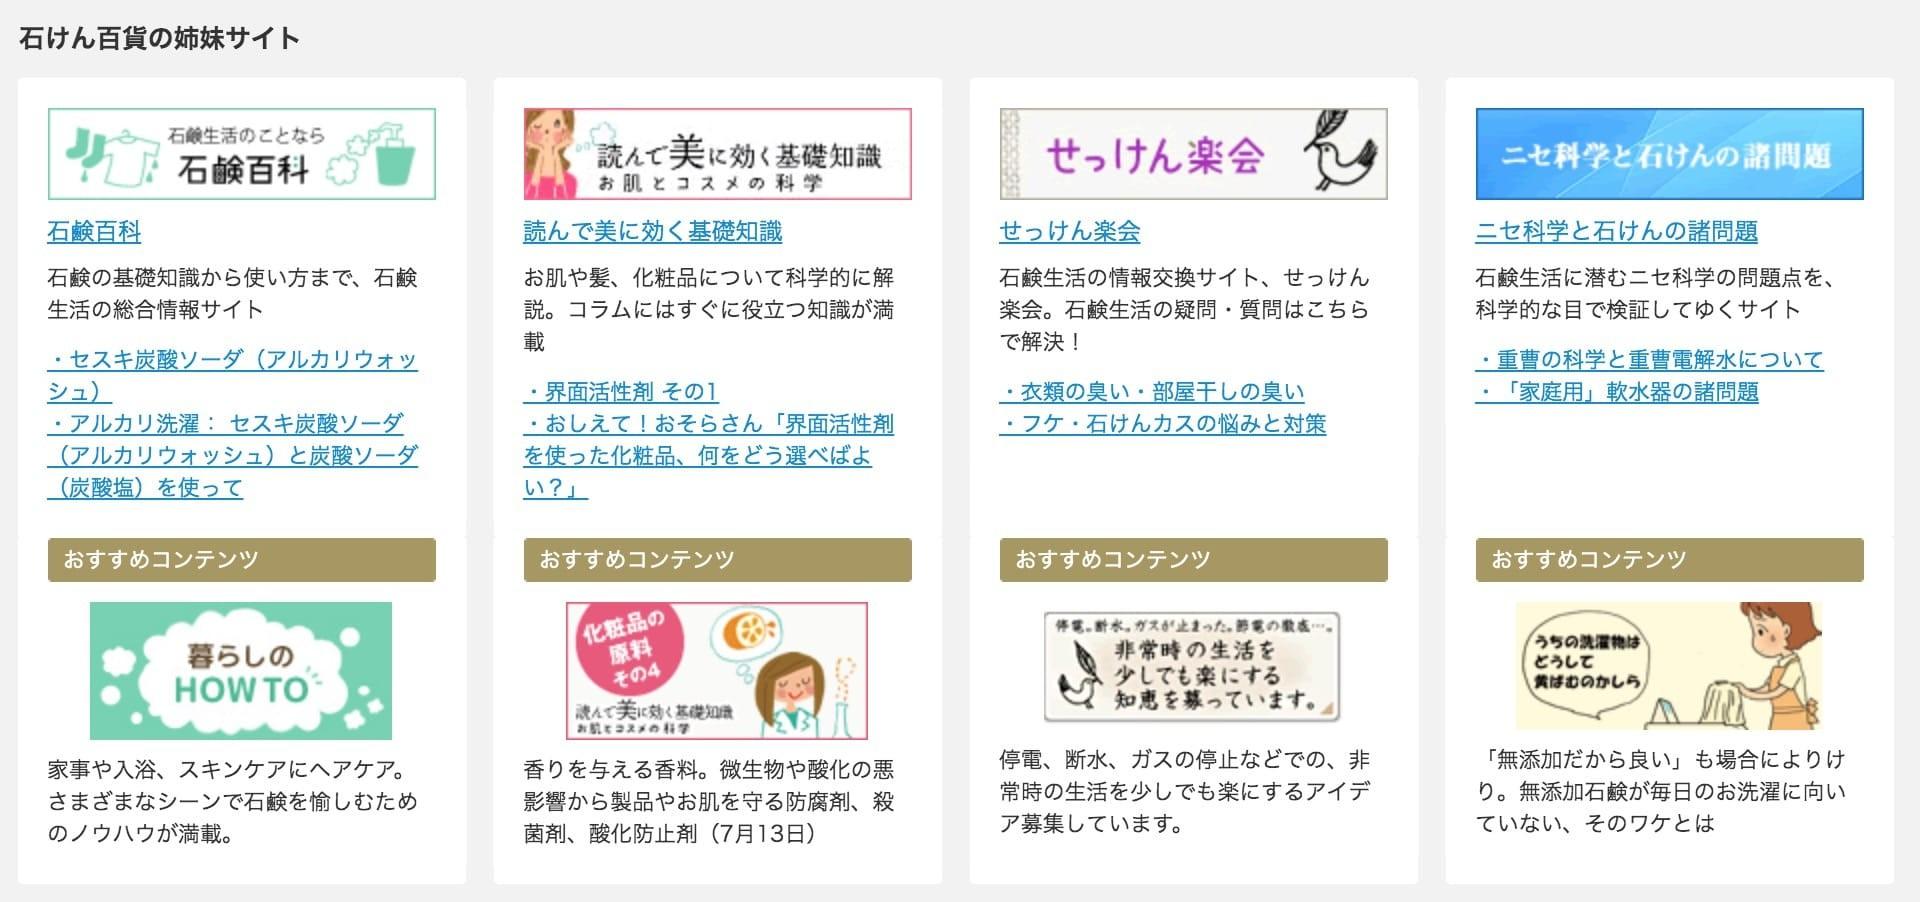 石鹸百貨_ECサイト